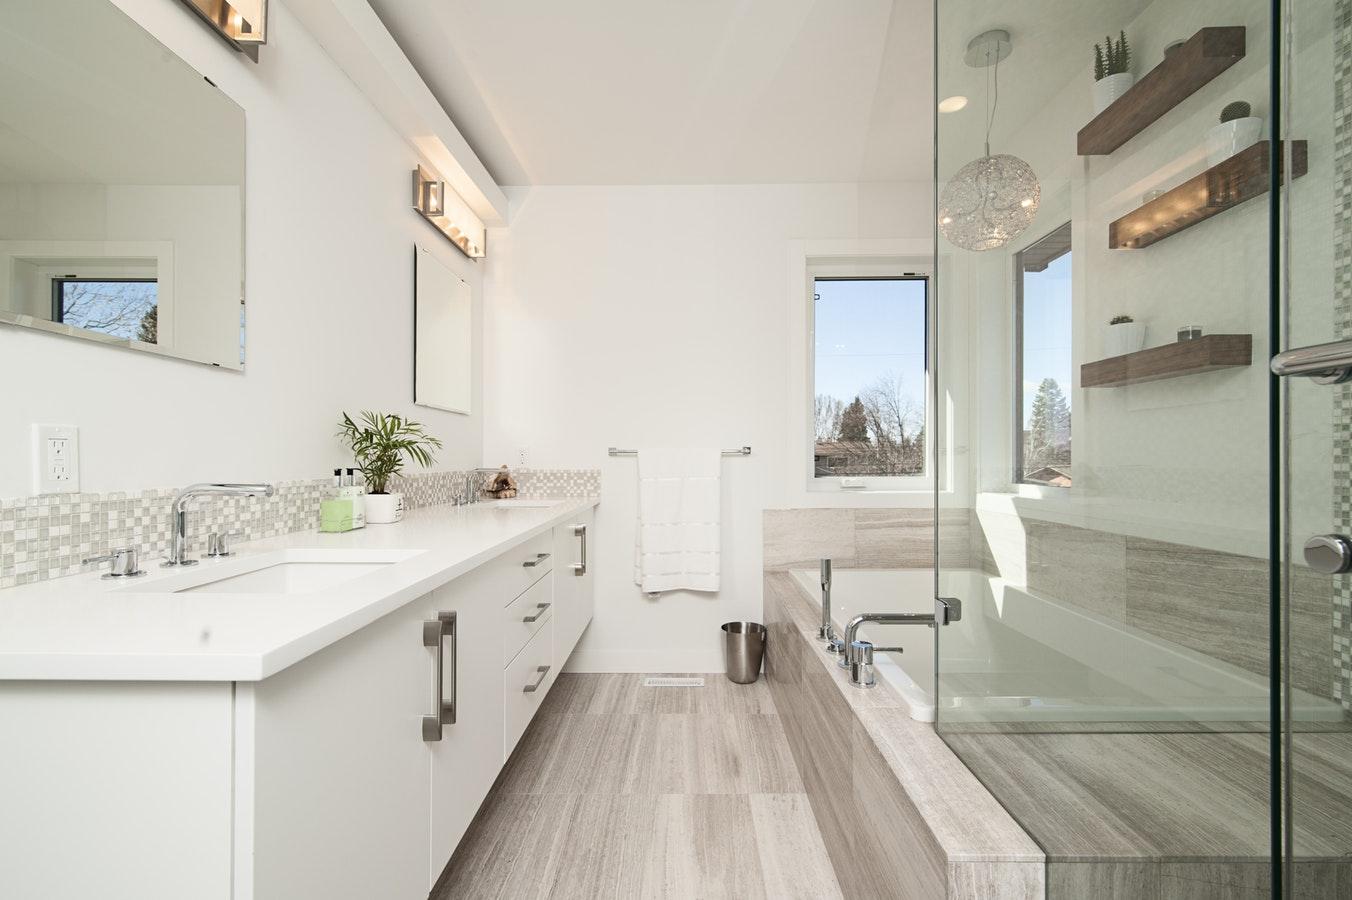 łazienka W Stylu Modern Classic Co Powinno Się W Niej